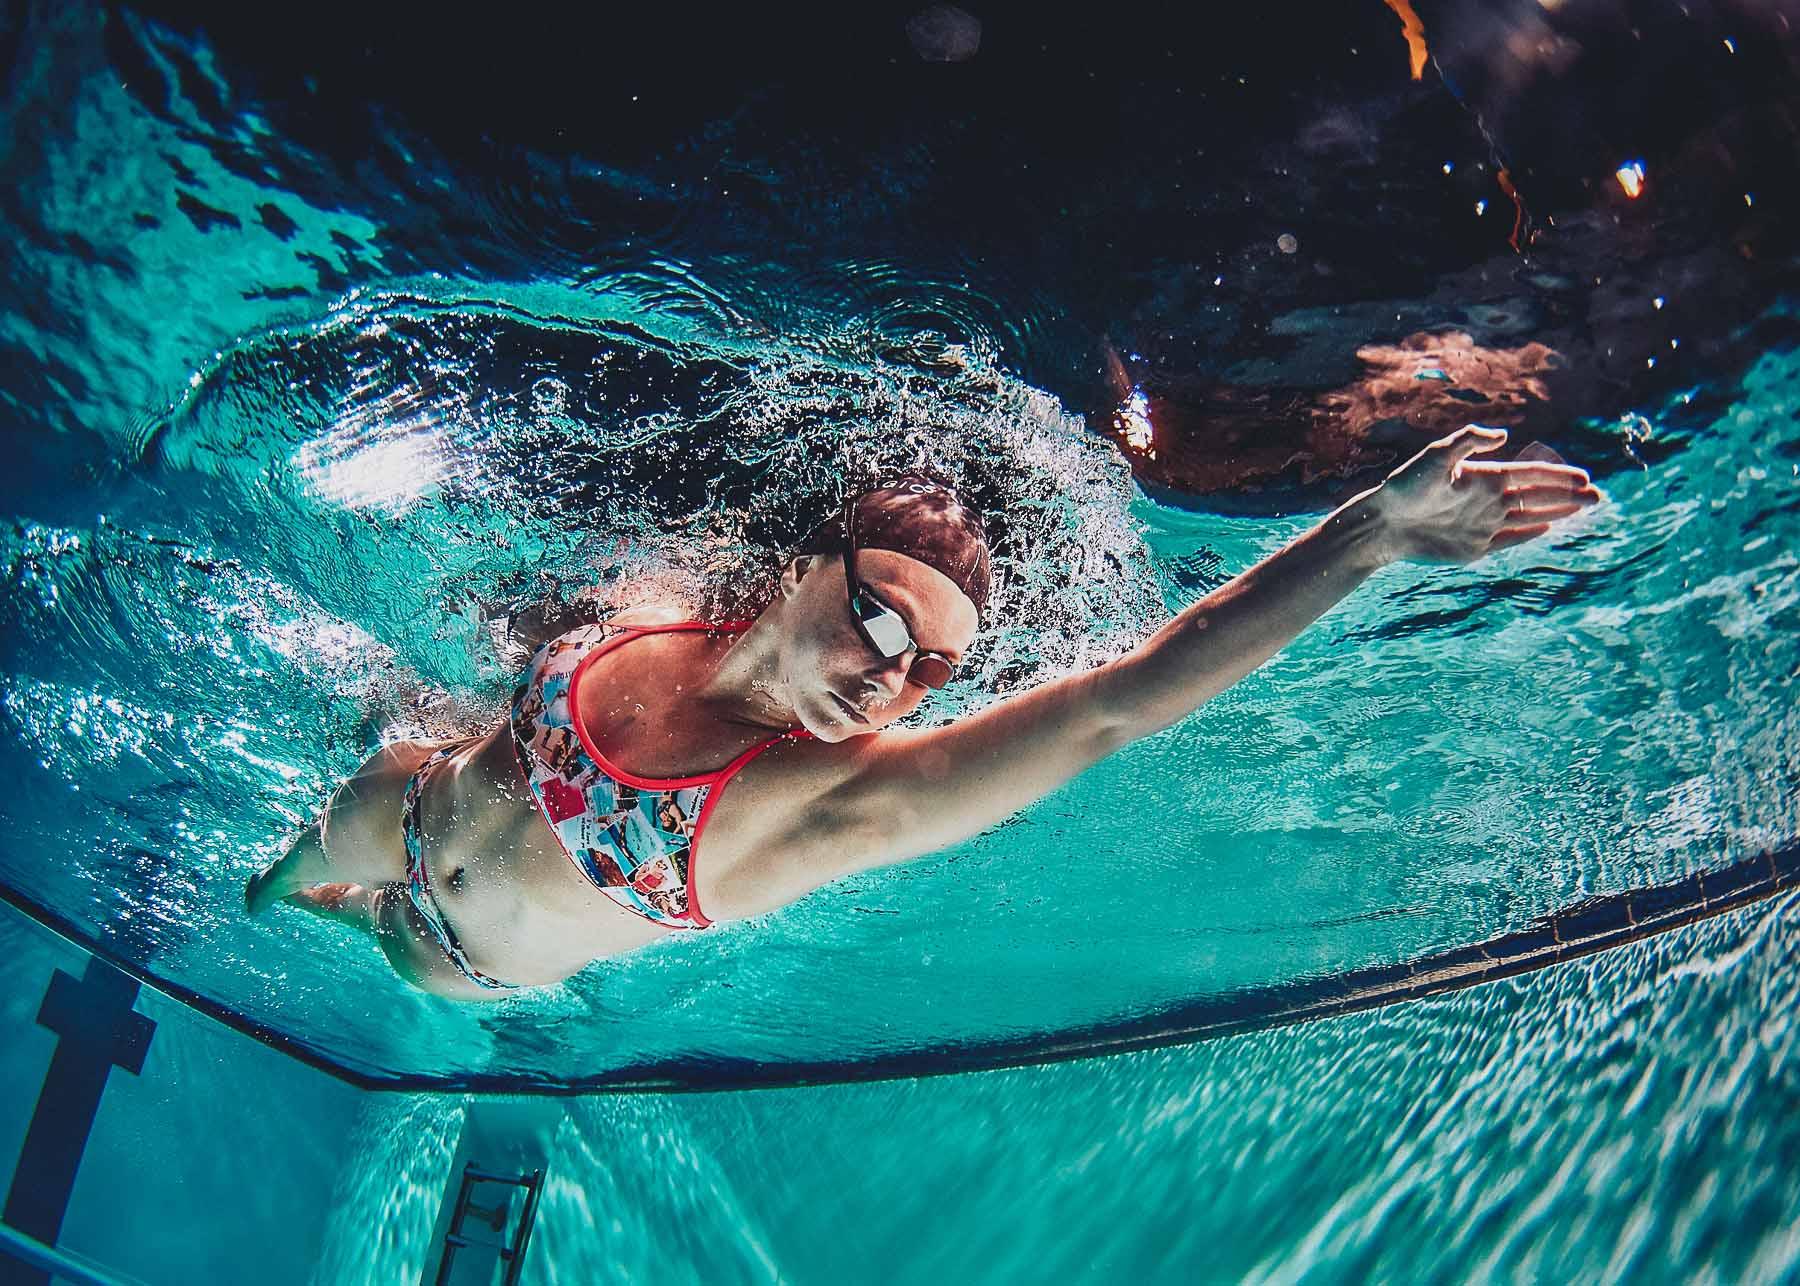 It's magic! Magic5 - die erste maßgeschneiderte Schwimmbrille der Welt im Test